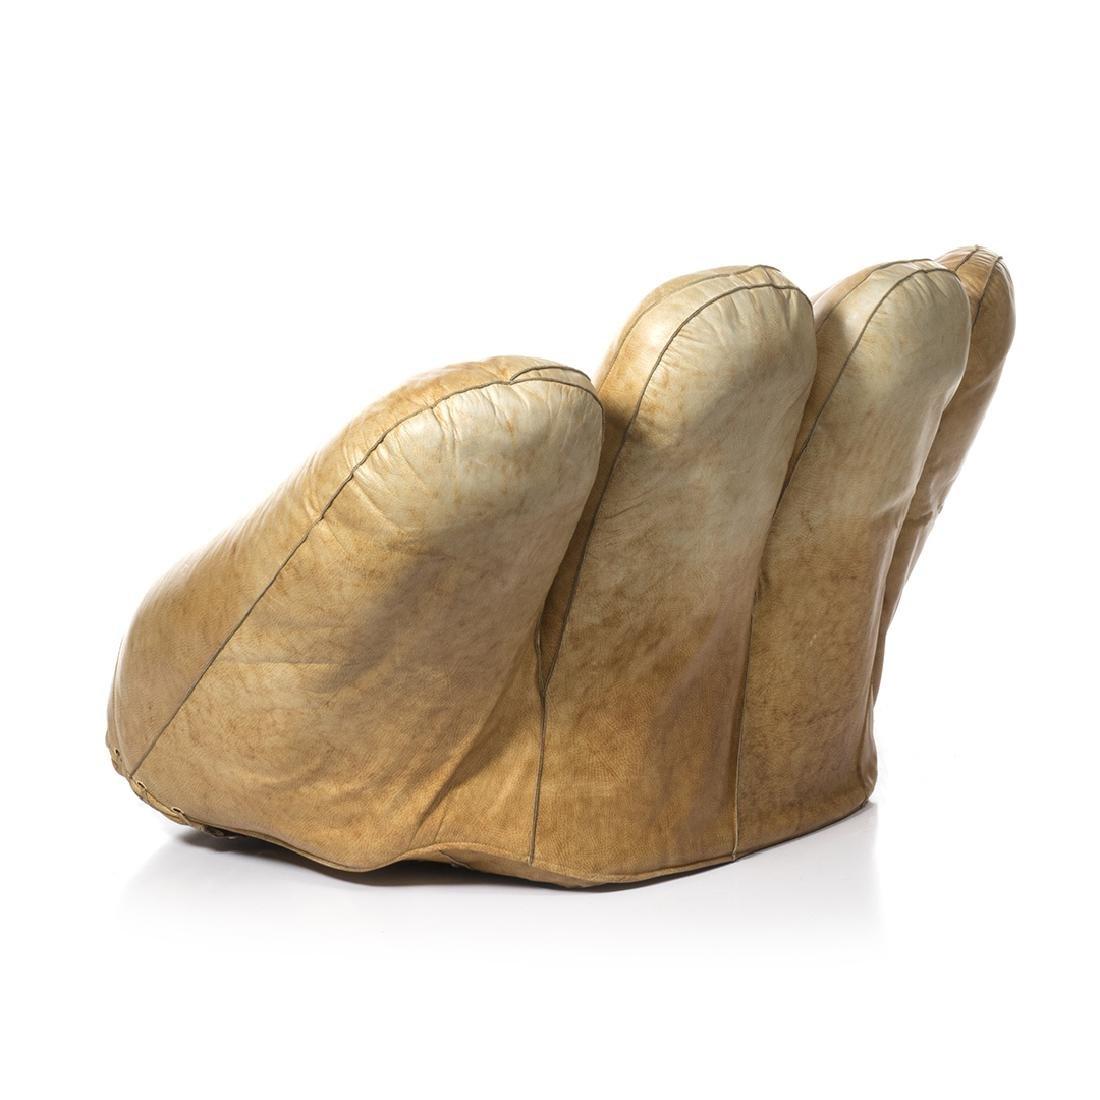 Stendig Joe Chair - 3